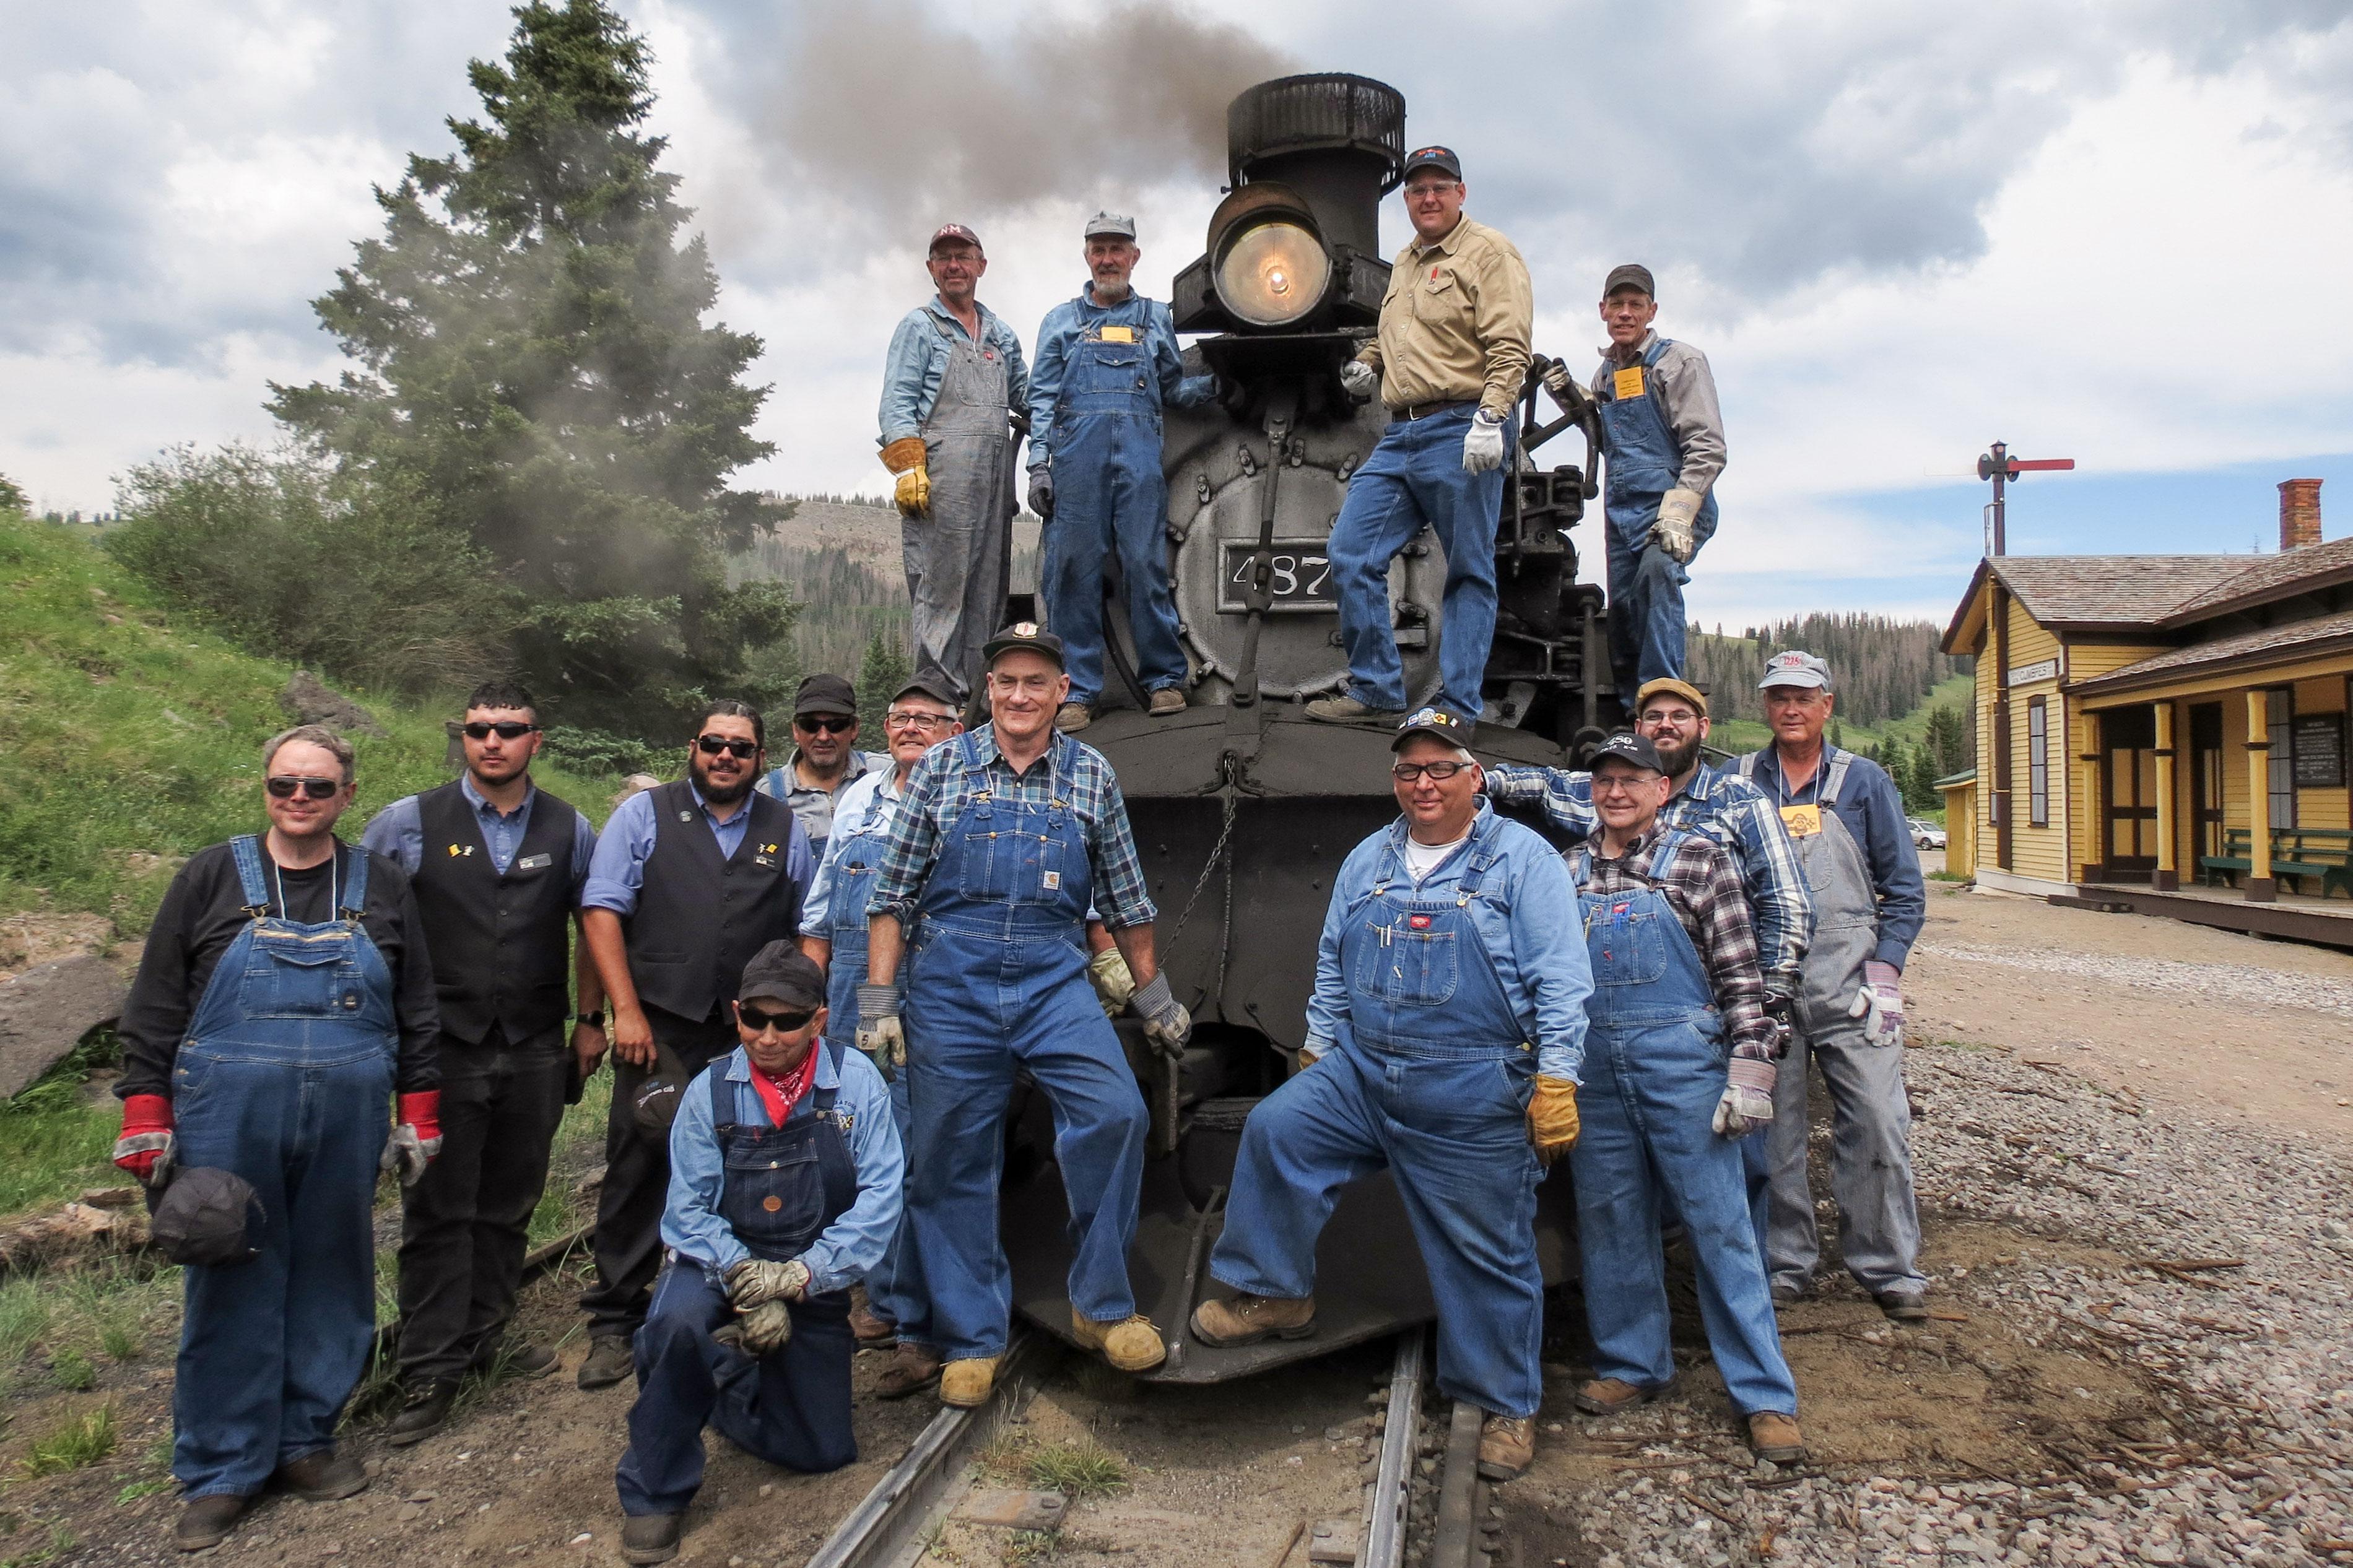 cpr-jbrundin_steam-train-school_posing-w